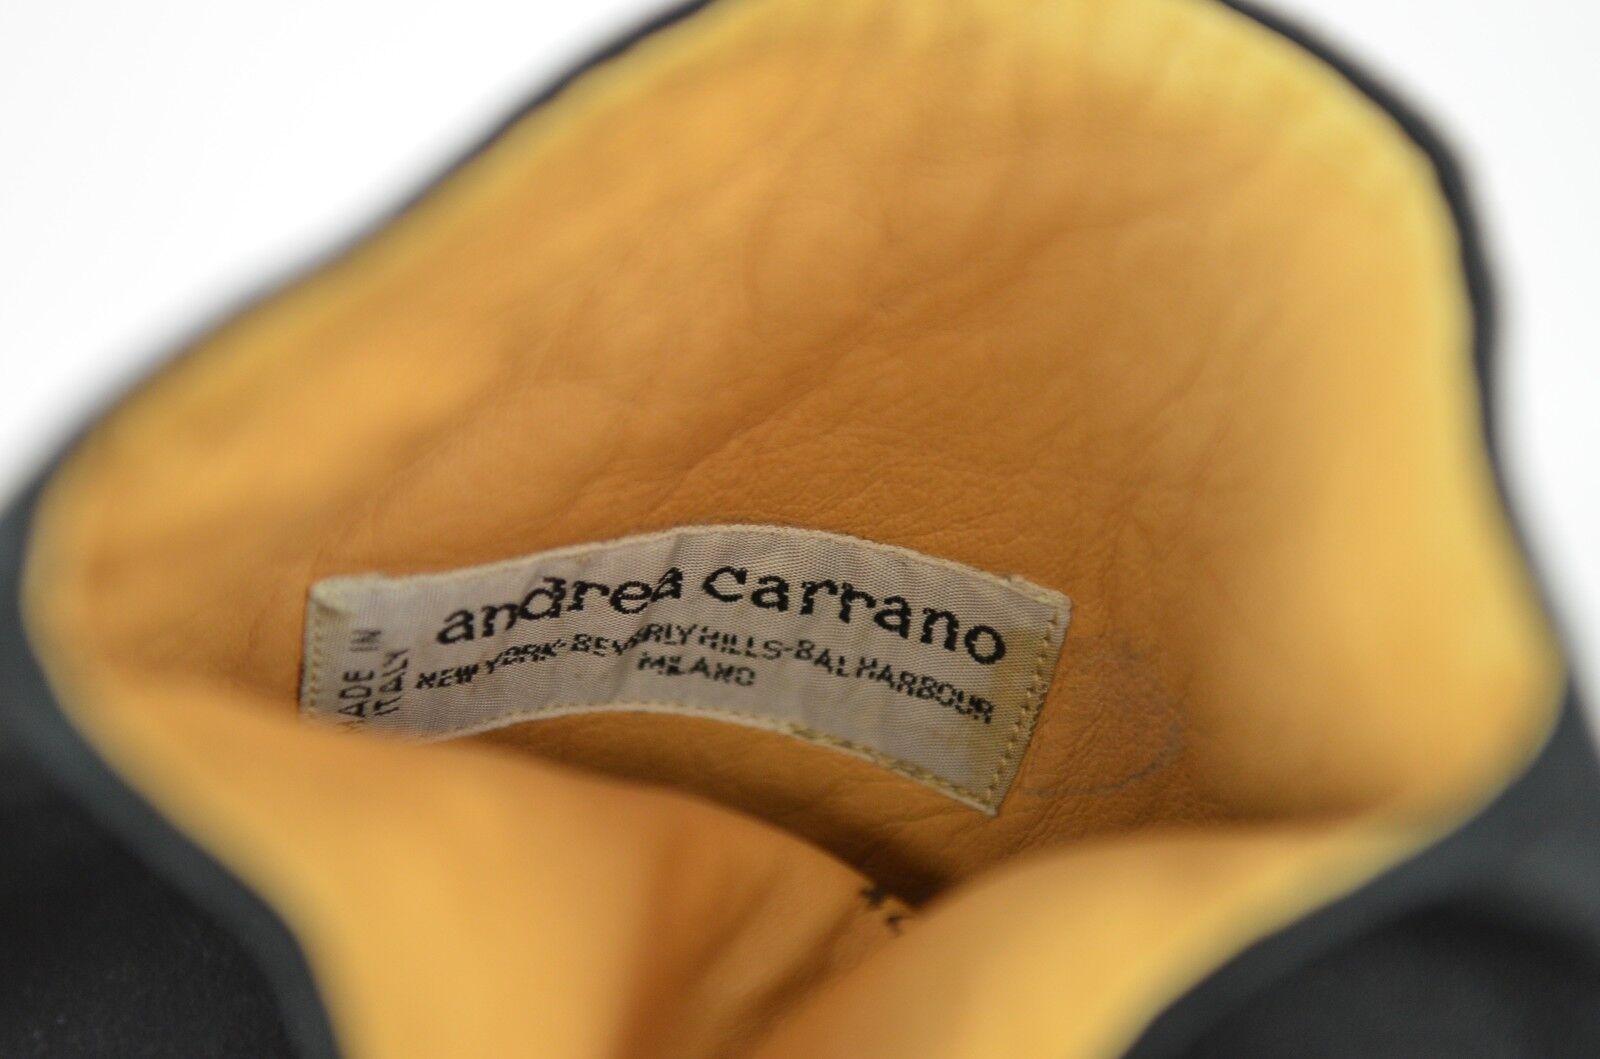 Andrea Carrano para mujer botas De De botas Gamuza Talla 7.5 Negro Italia Taco Alto Fiesta Boho a1f856